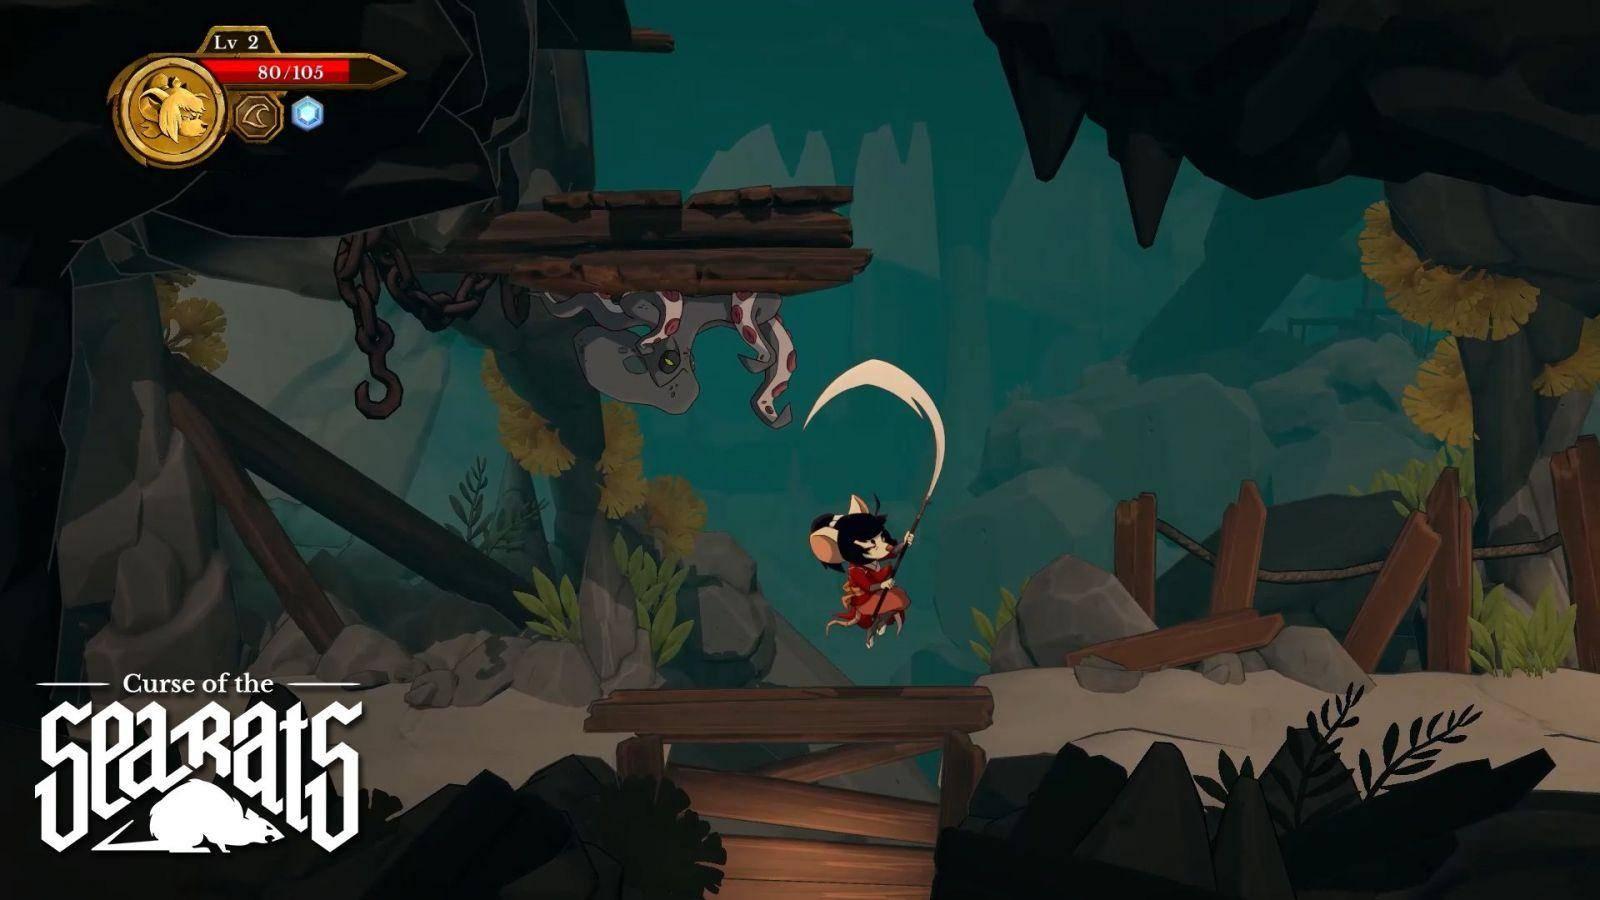 Curse of the Sea Rats ha alcanzado el 100% de su meta kickstarter en pocas horas 4